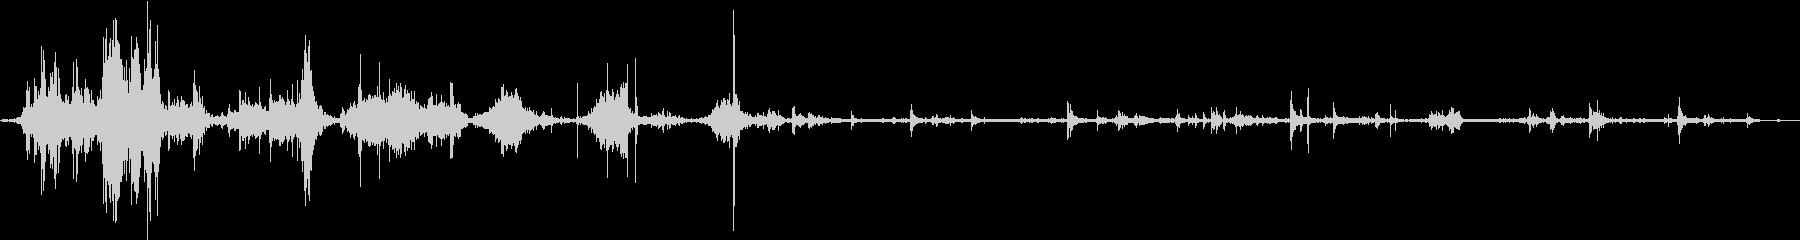 3人のマストスクーナー:ボード上:...の未再生の波形